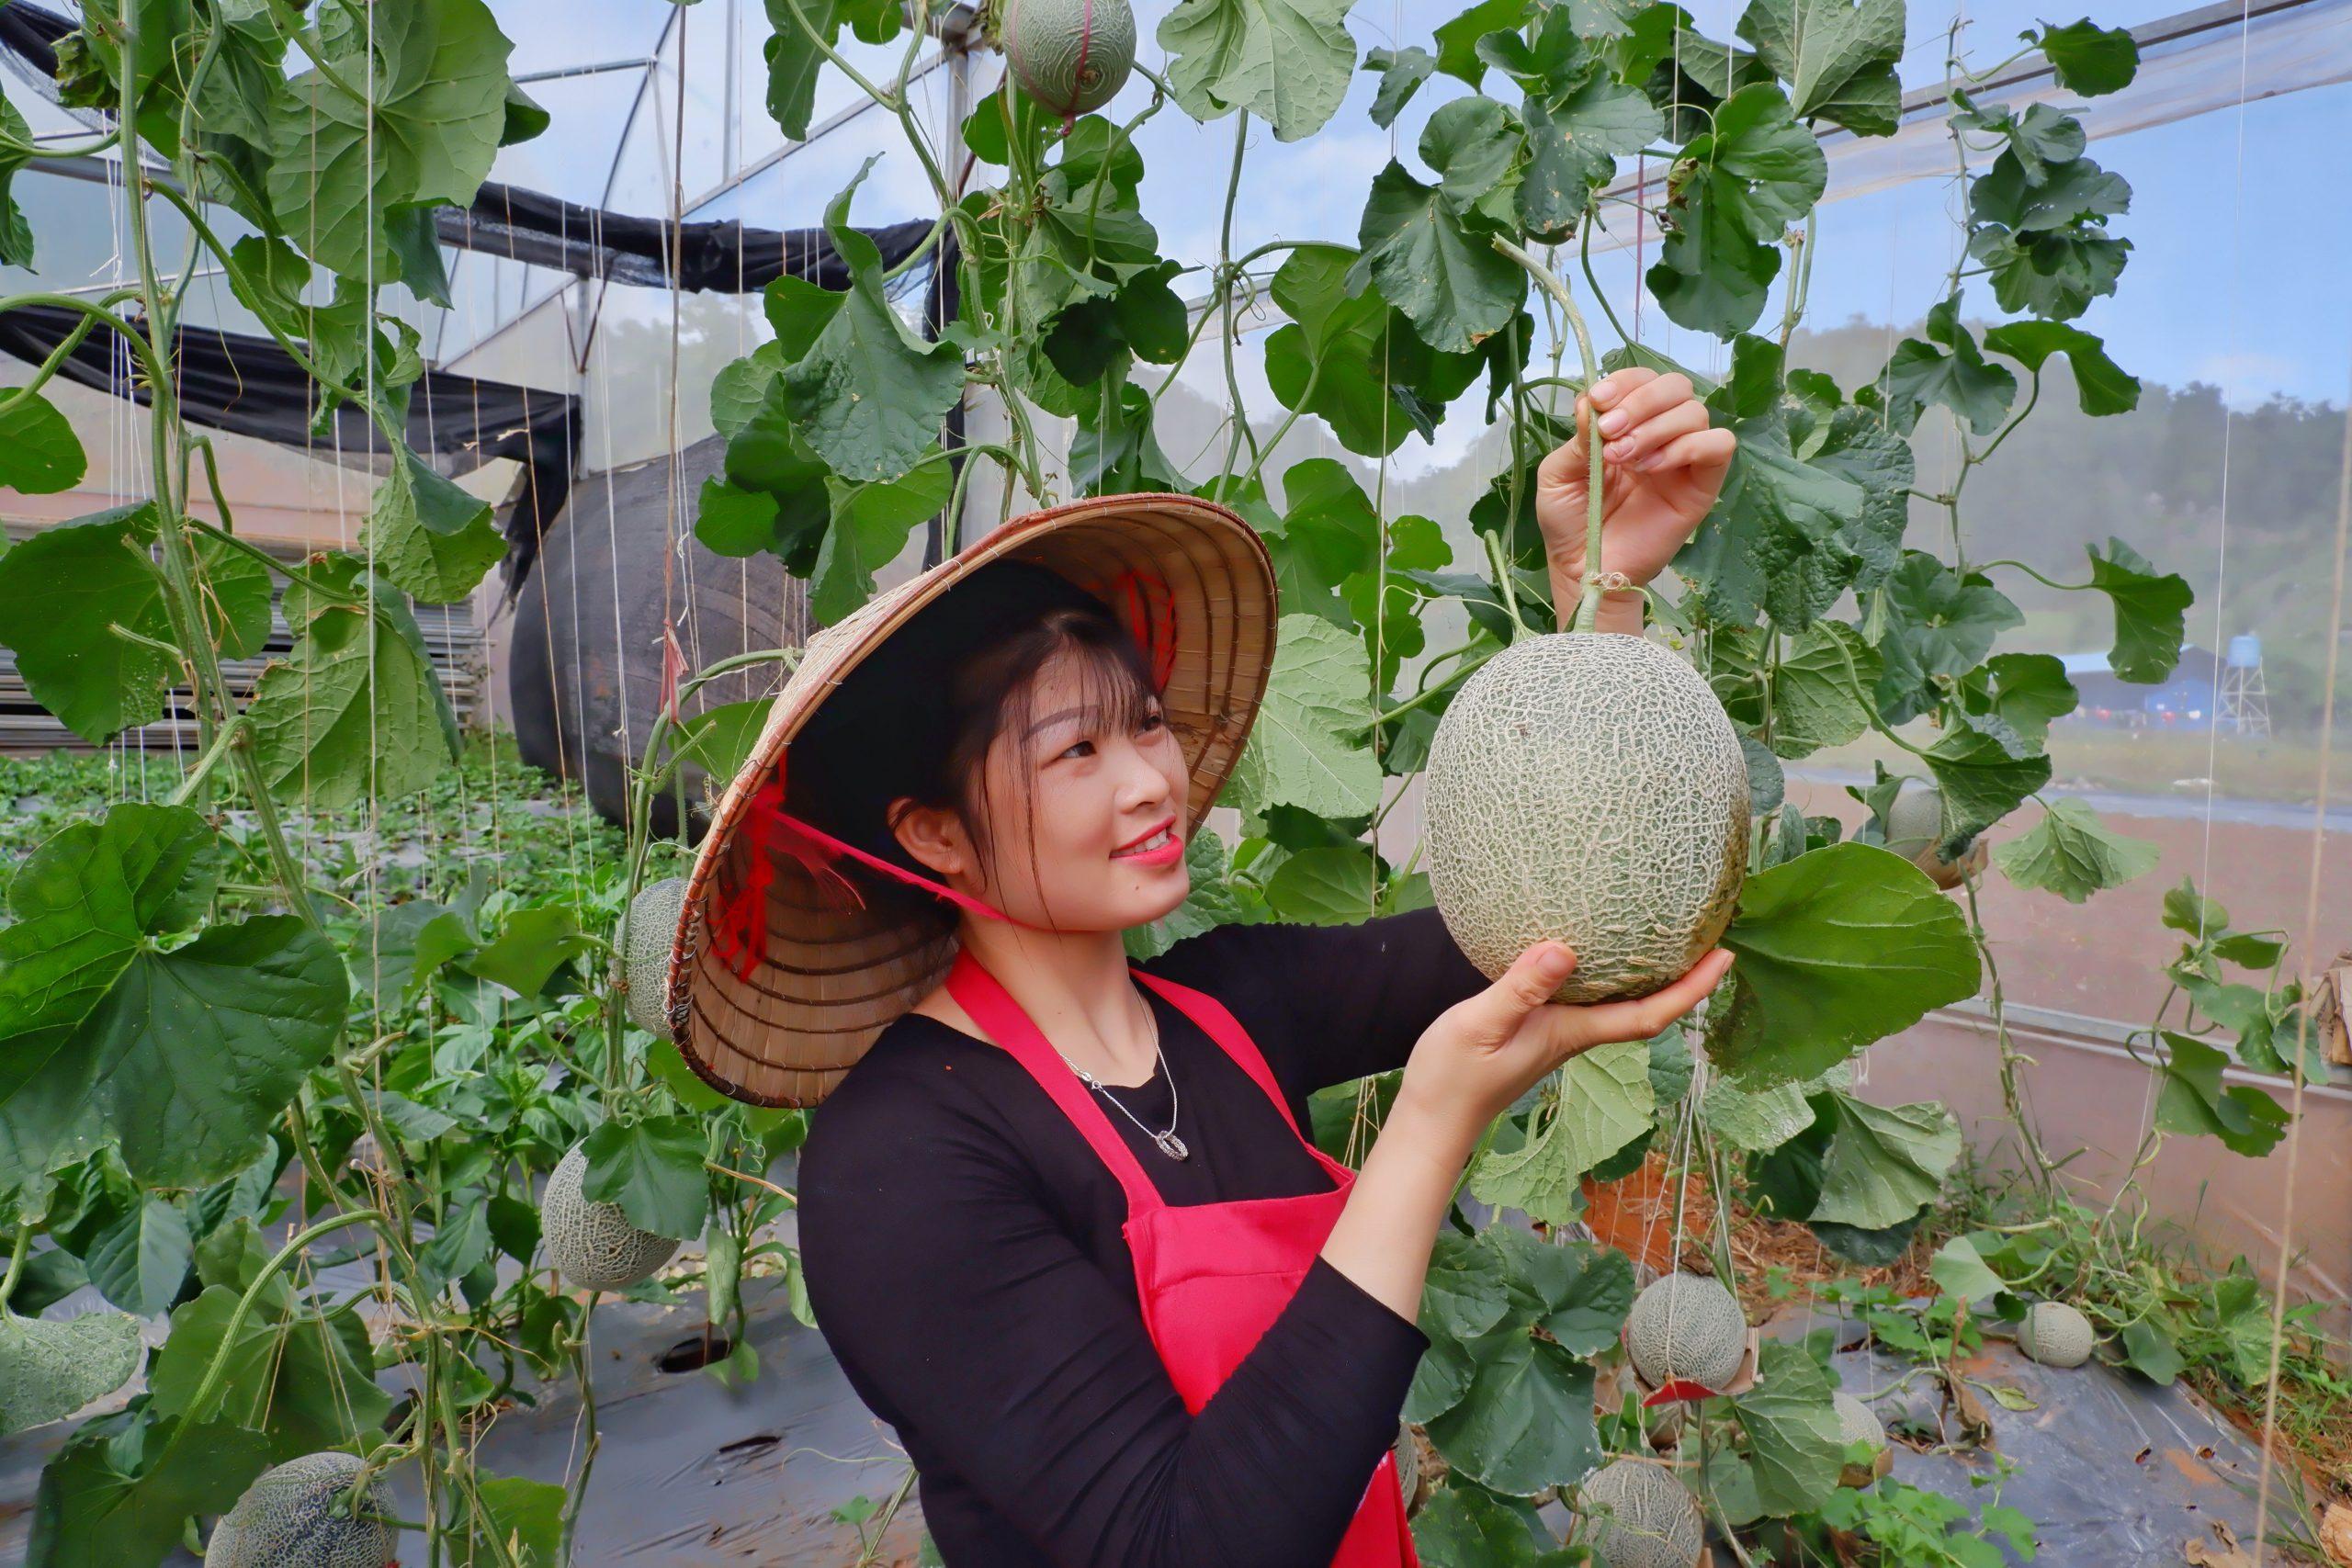 Trong dưa lưới có nhiều chất dinh dưỡng tốt cho sức khỏe